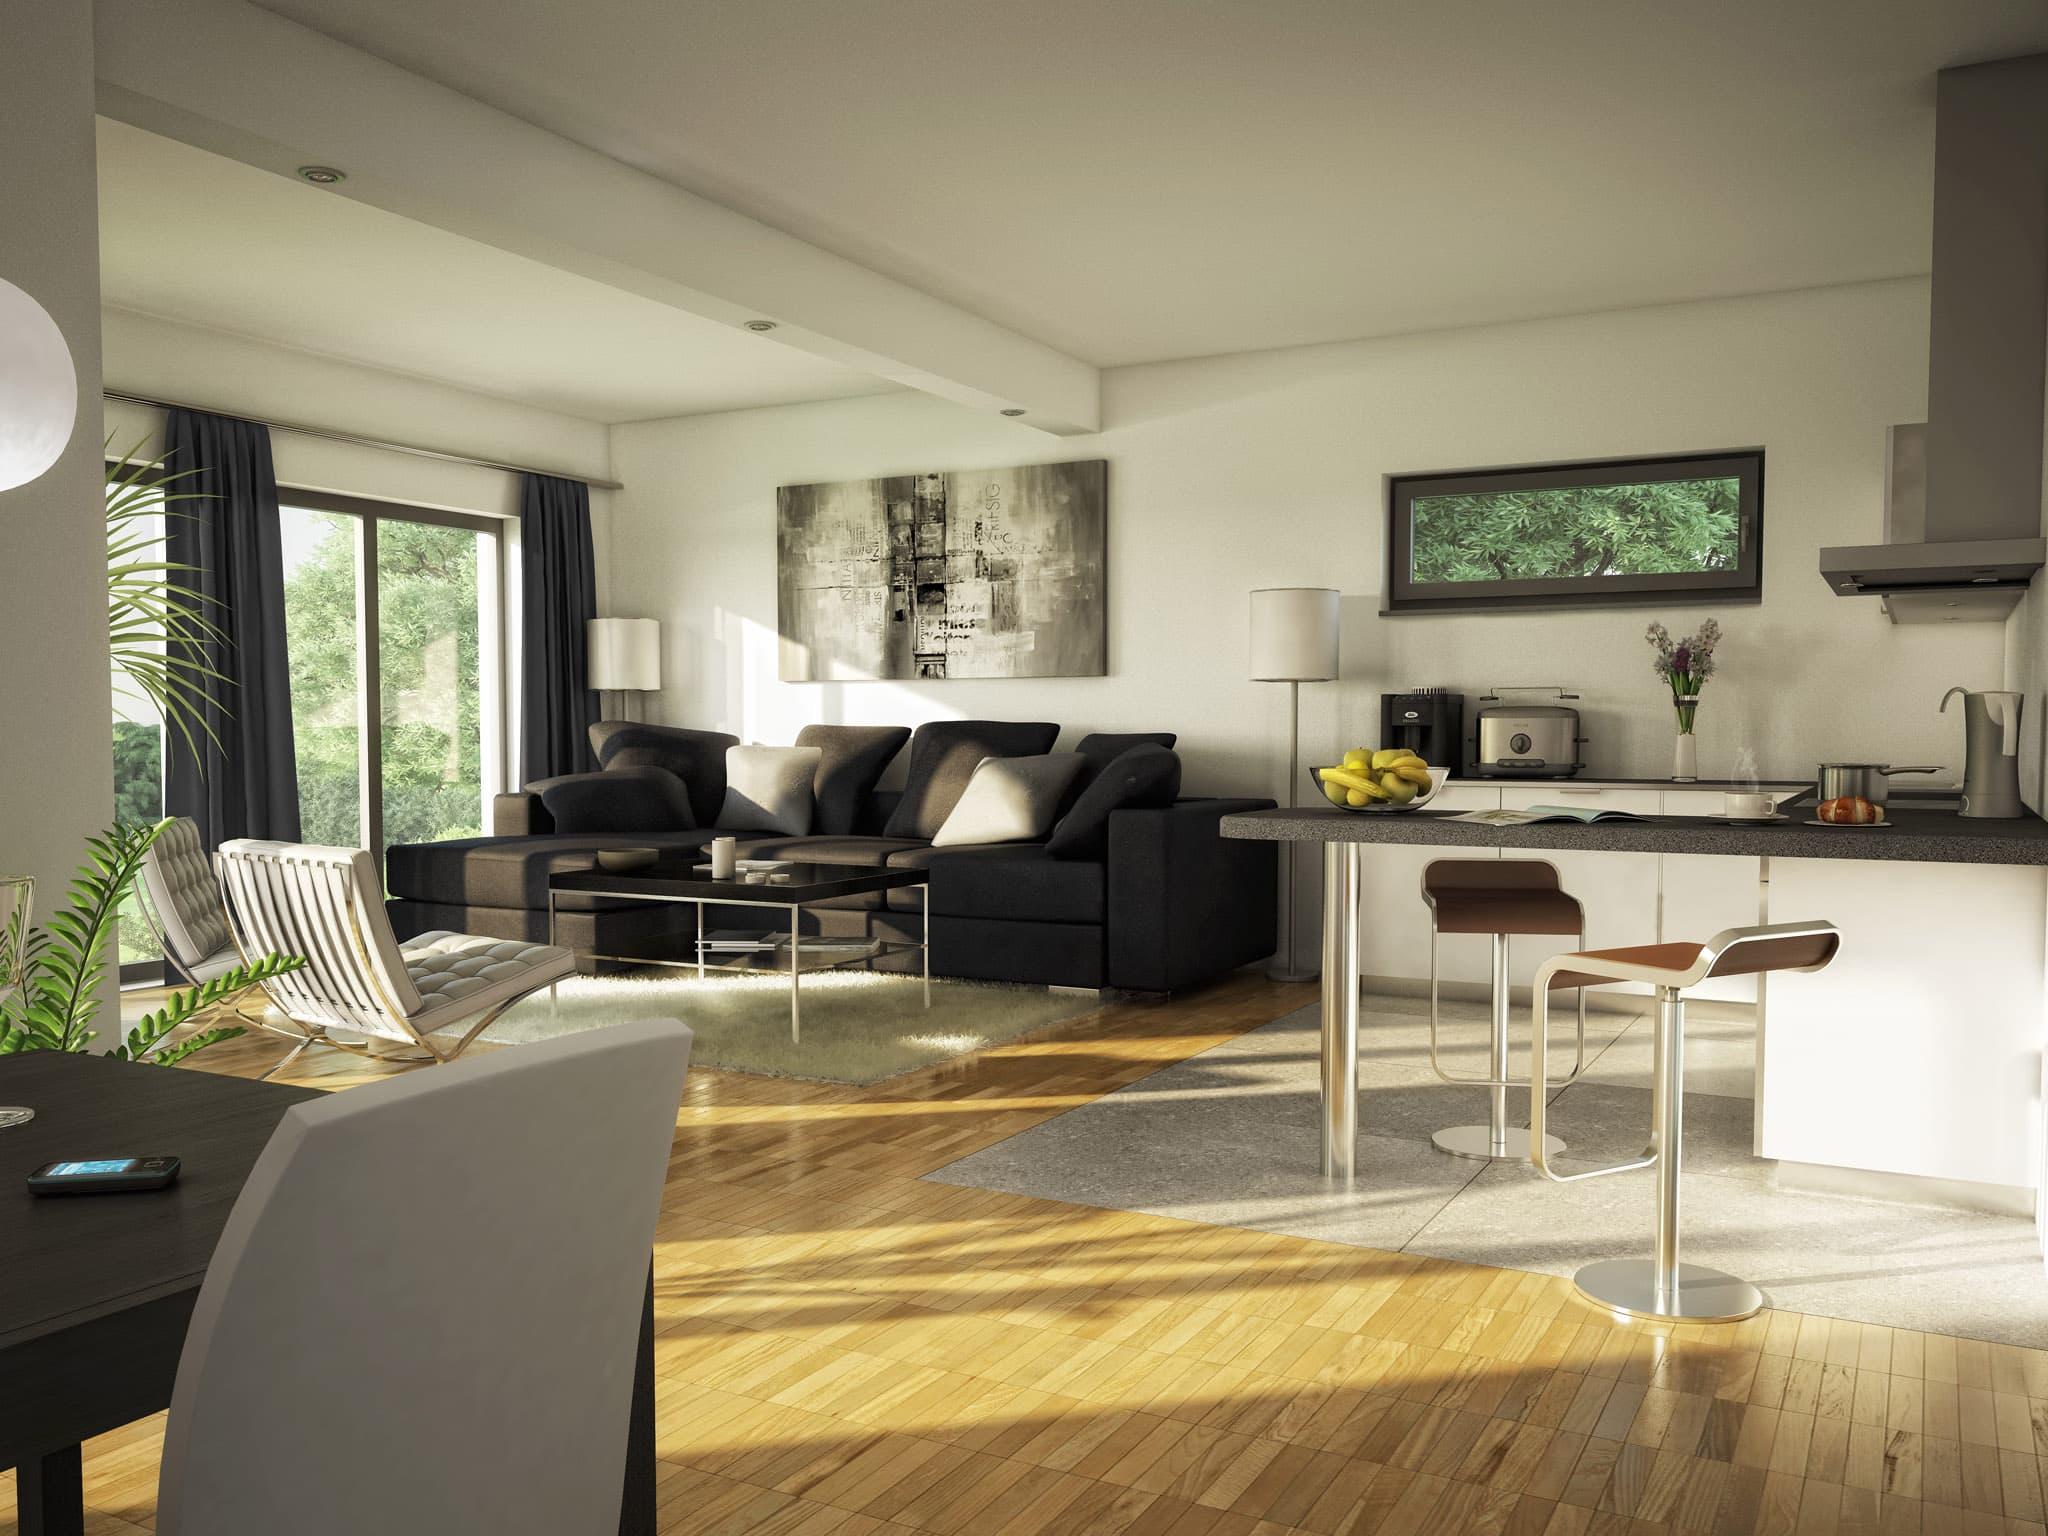 Offenes Wohnzimmer mit Essbereich & Küche - Ideen Inneneinrichtung Bungalow Haus AMBIENCE 111 V2 von Bien Zenker - HausbauDirekt.de